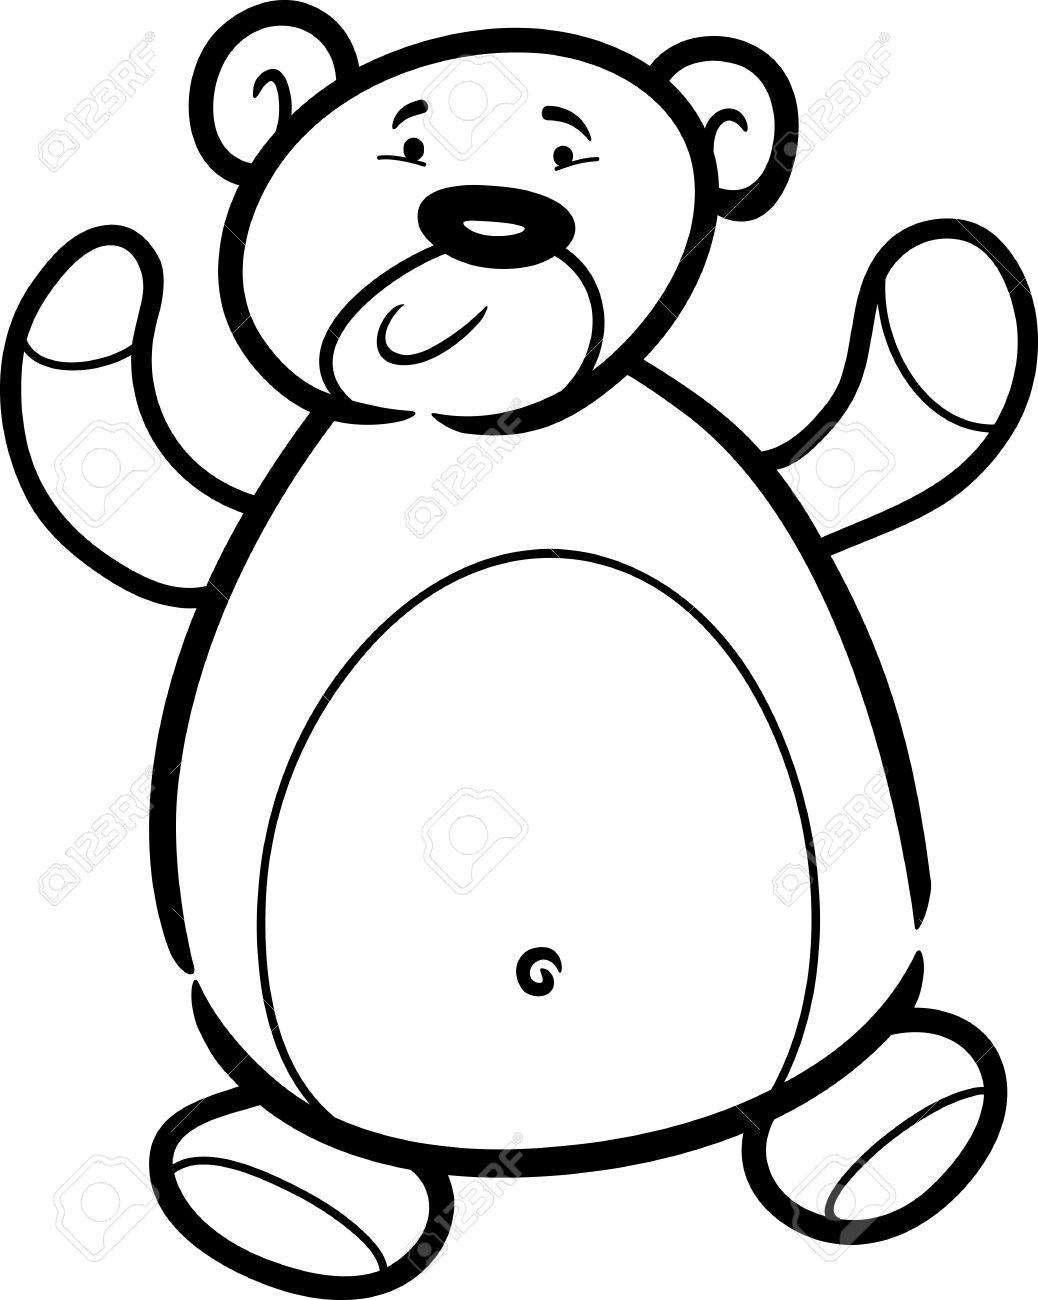 banque dimages illustration de dessin anim dours de nounours mignon jouet pour coloring book